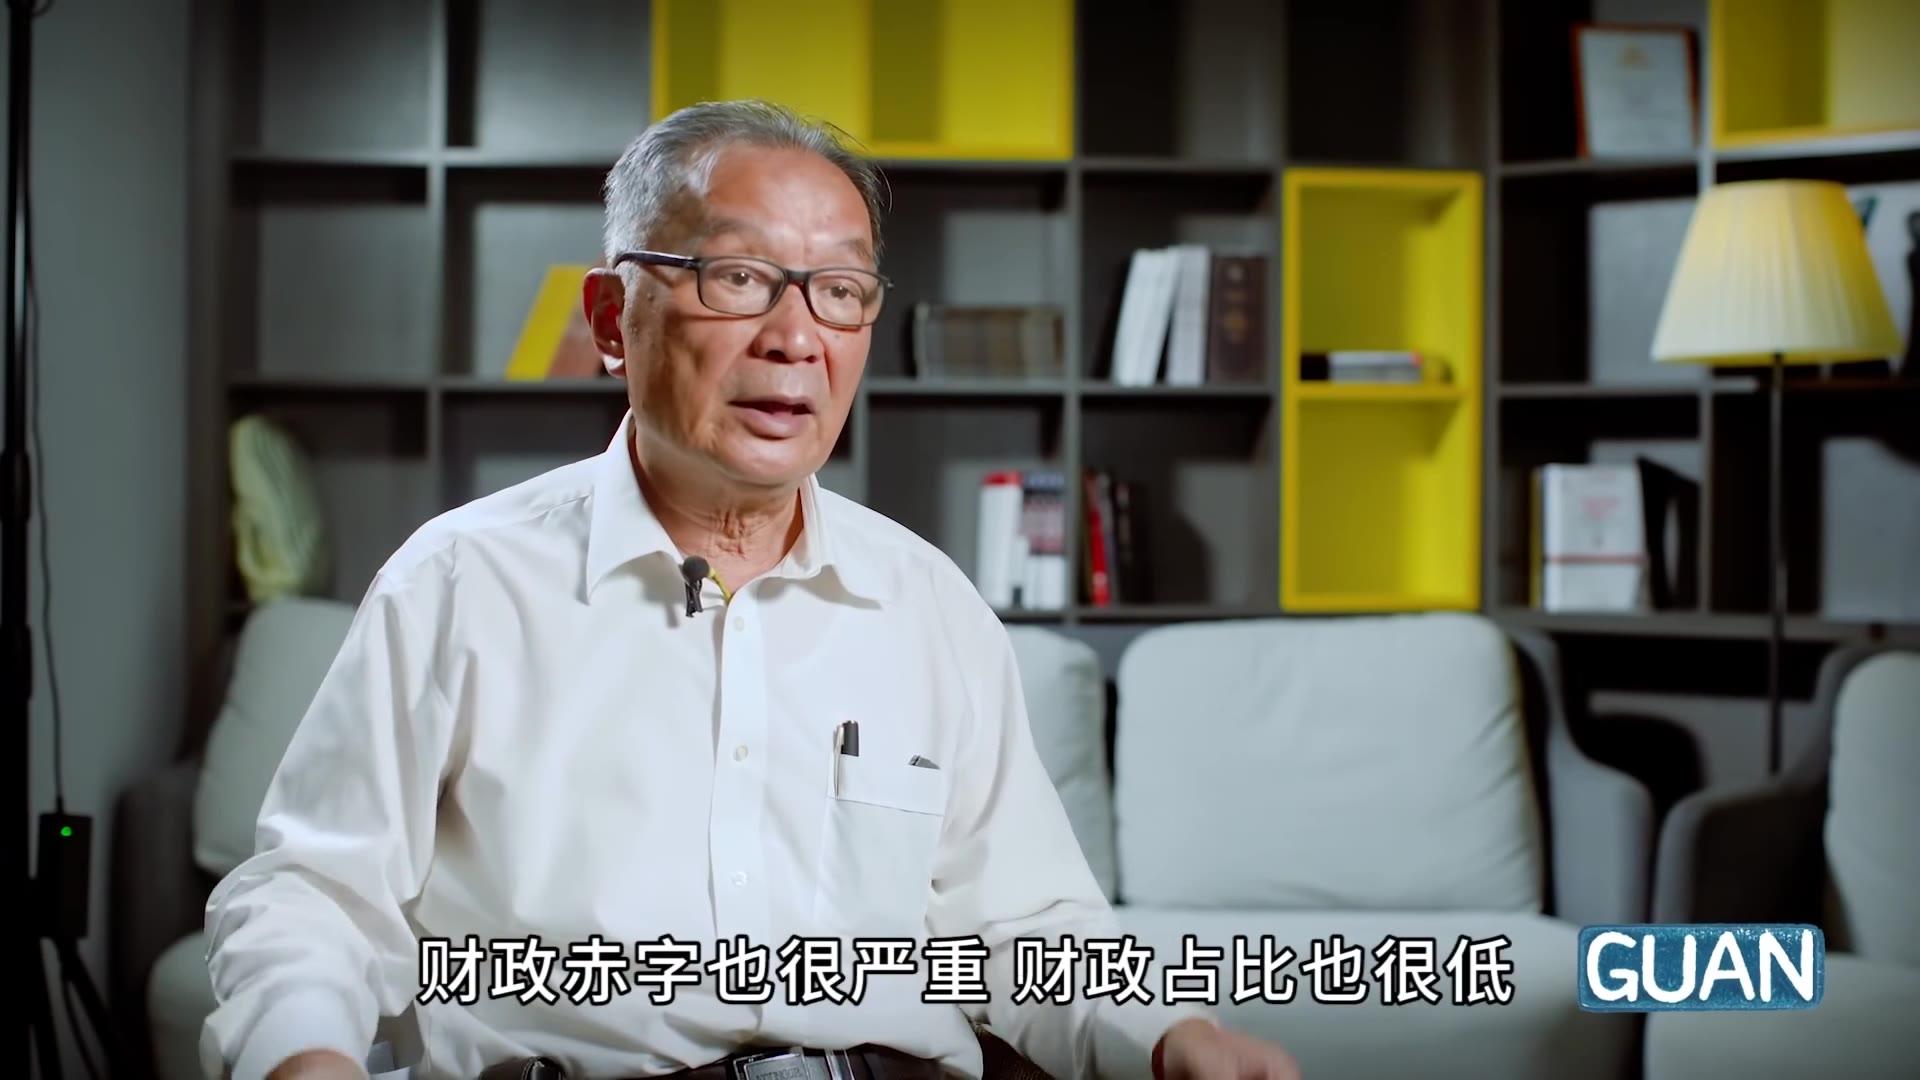 温铁军:中国被美国扒了两层皮,还妄想中国做美国的助手?